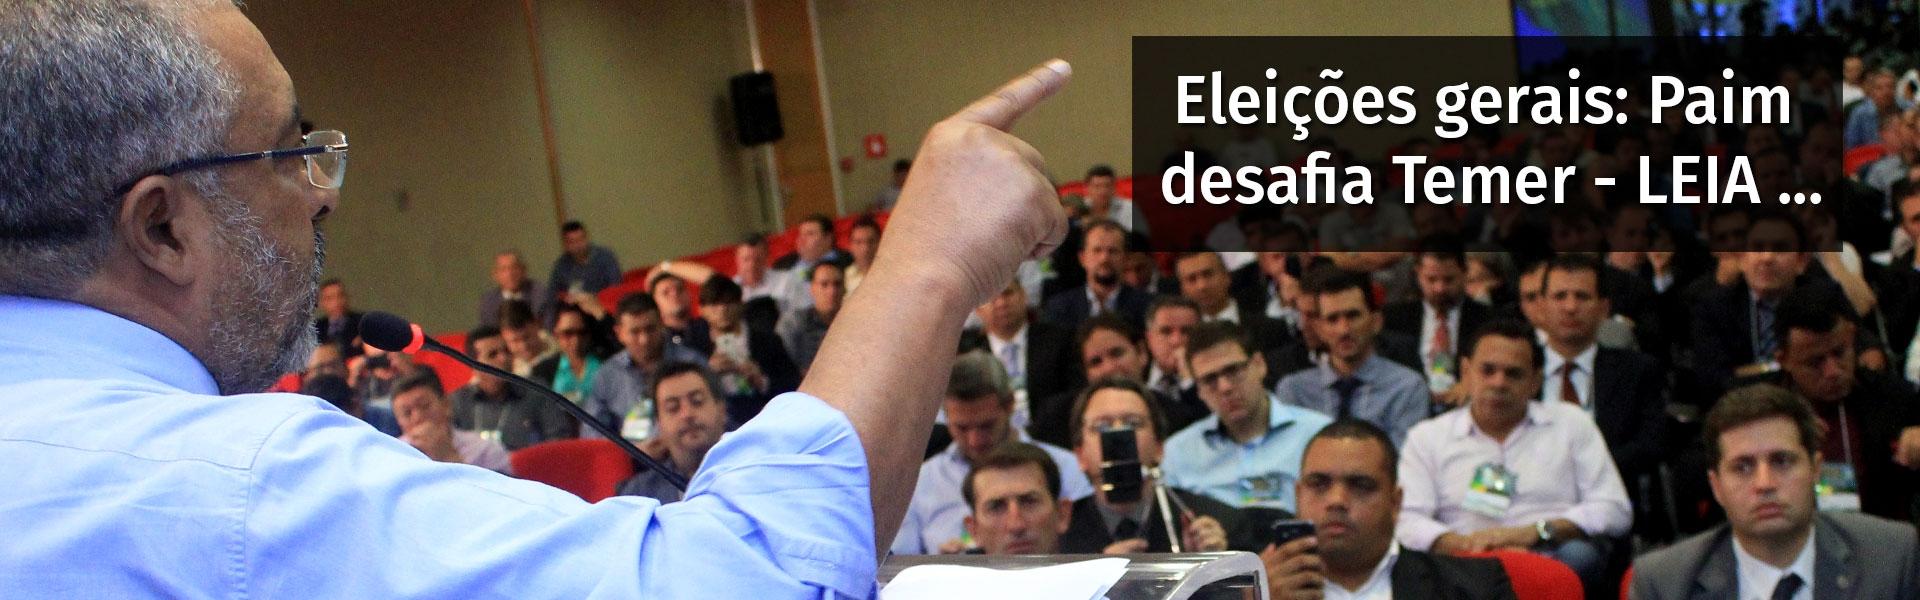 Eleições gerais: Paim desafia Temer